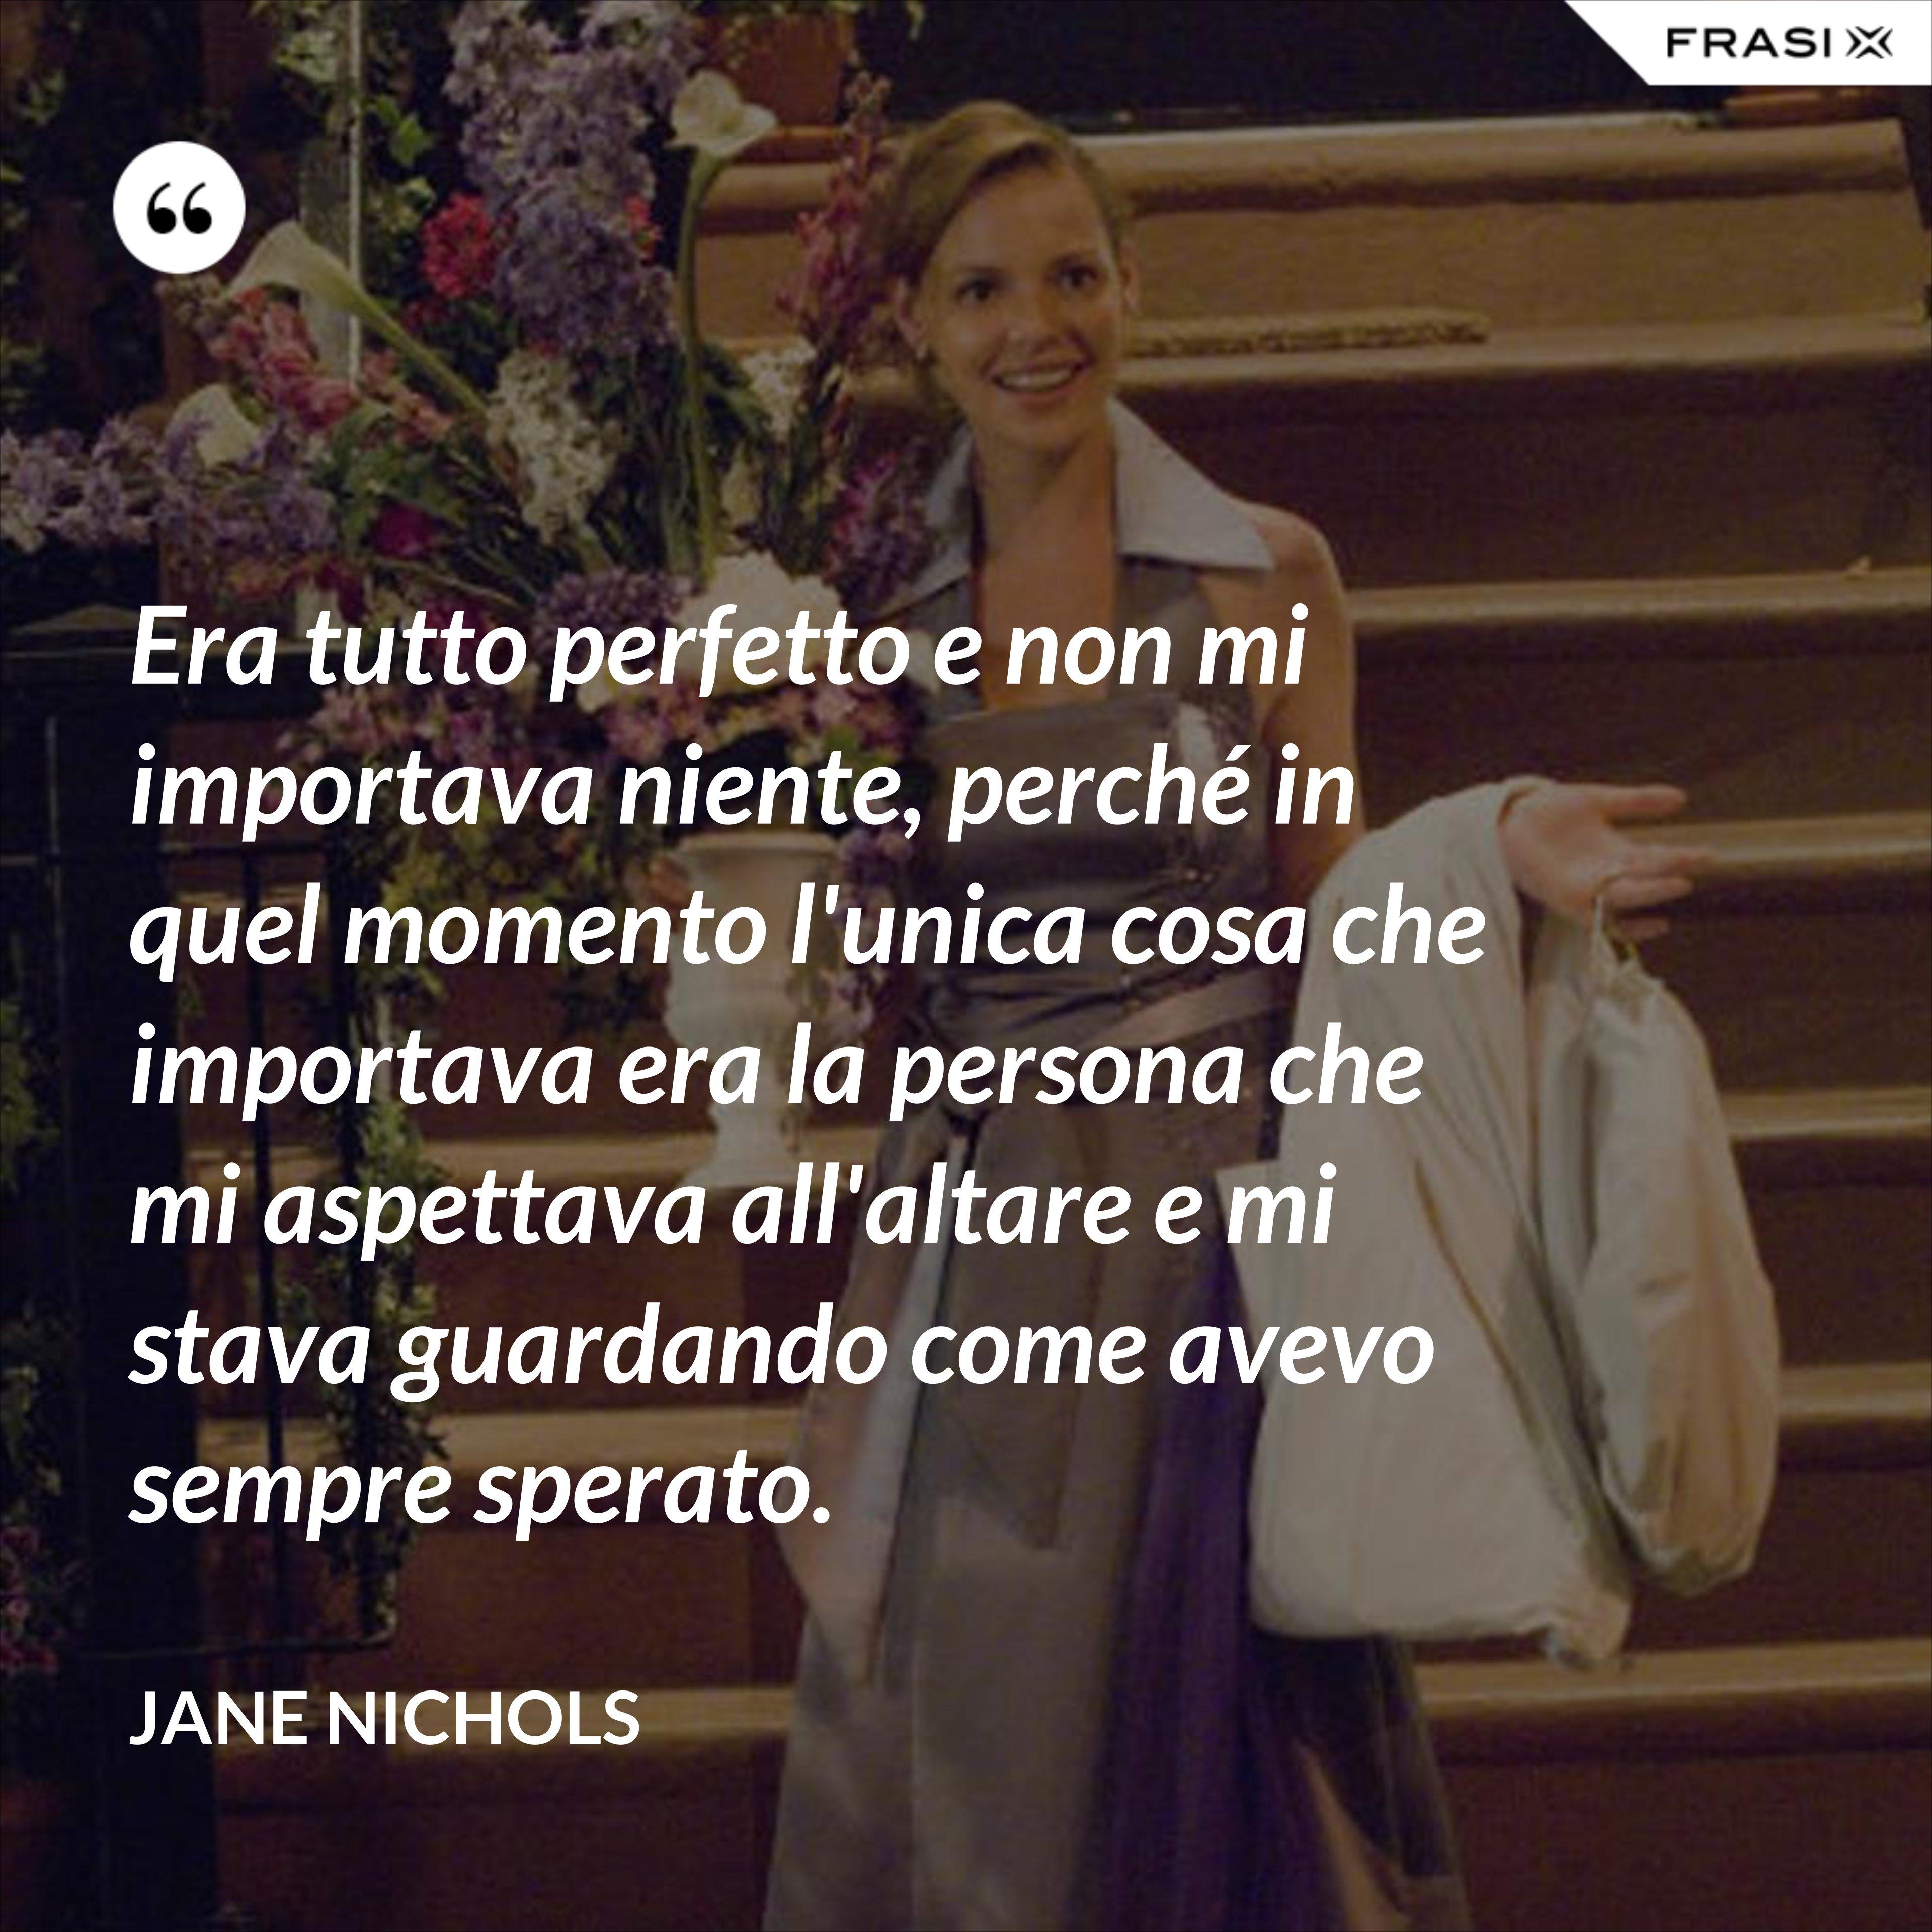 Era tutto perfetto e non mi importava niente, perché in quel momento l'unica cosa che importava era la persona che mi aspettava all'altare e mi stava guardando come avevo sempre sperato. - Jane Nichols